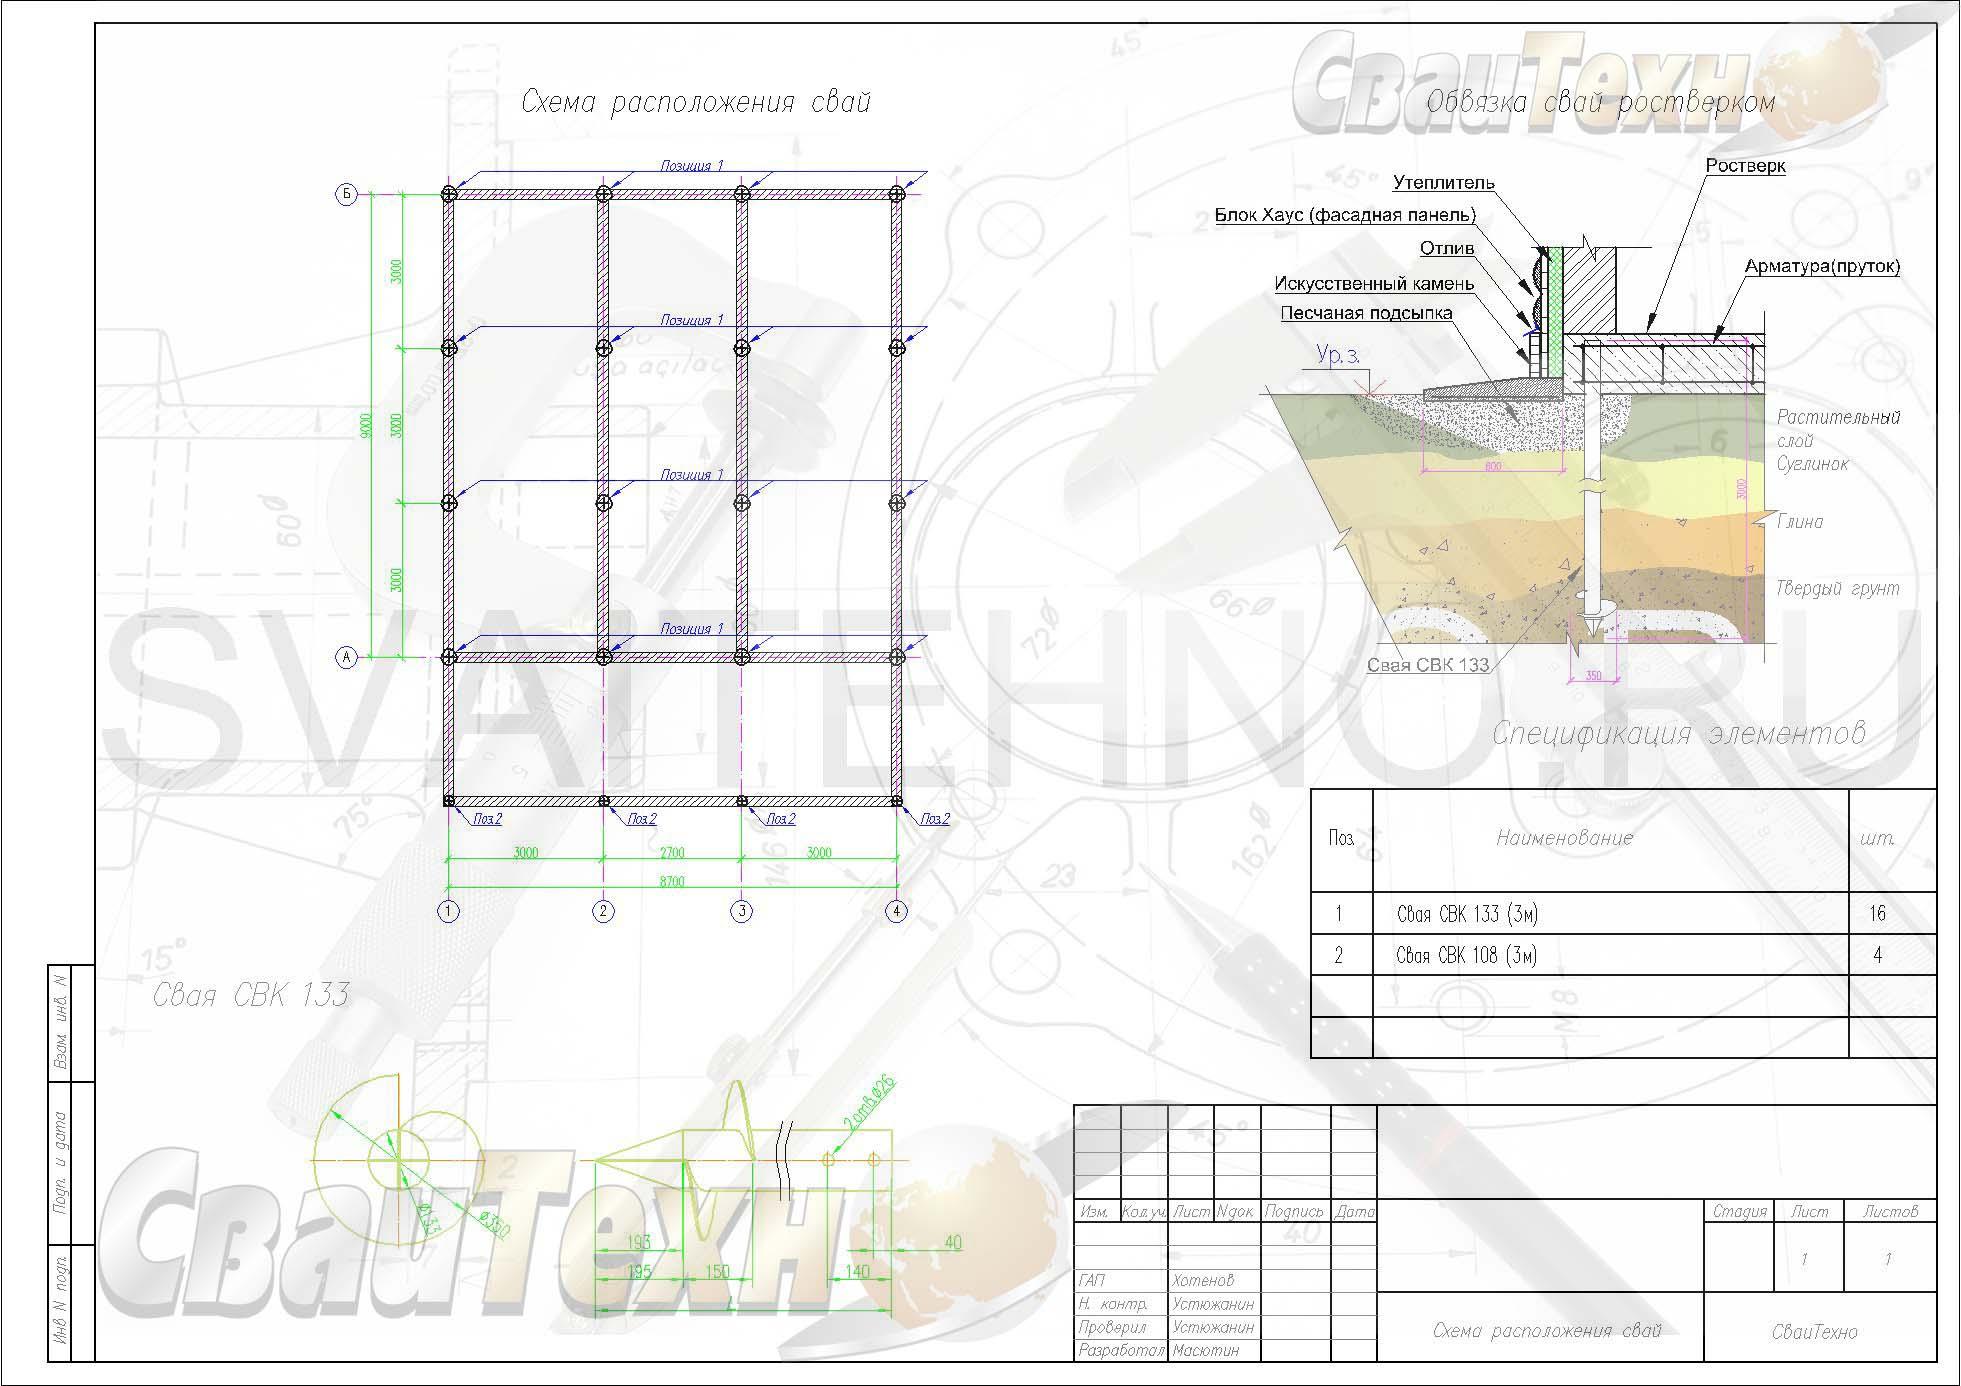 Схема расположения свай для строительства загородного дома из арболита